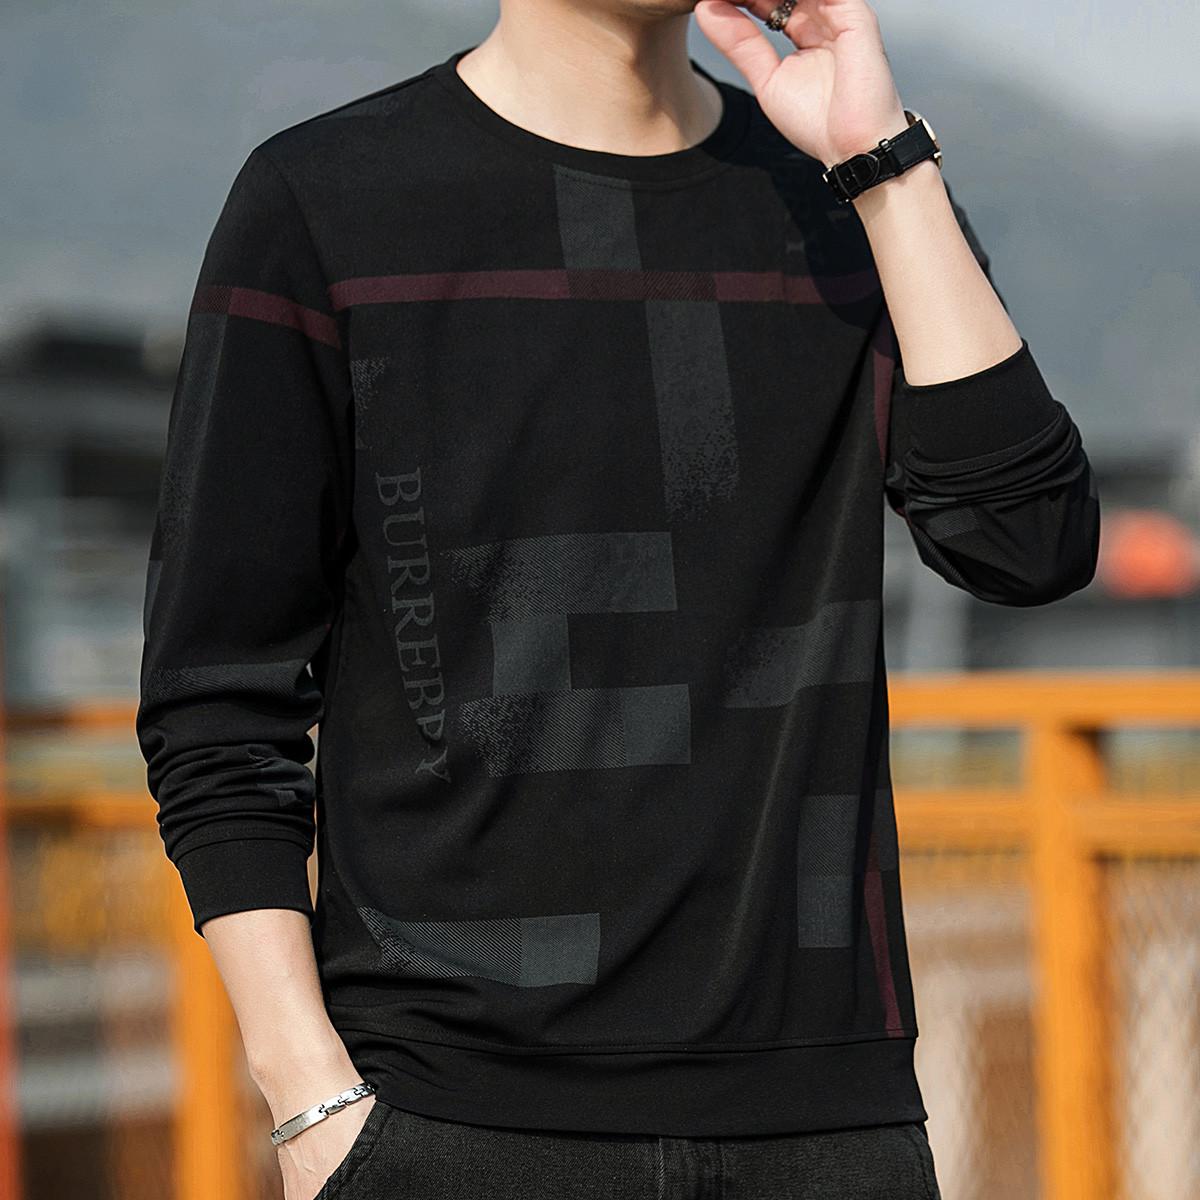 【时尚印花】新款圆领套头衫宽松休闲潮流印花帅气百搭男士卫衣